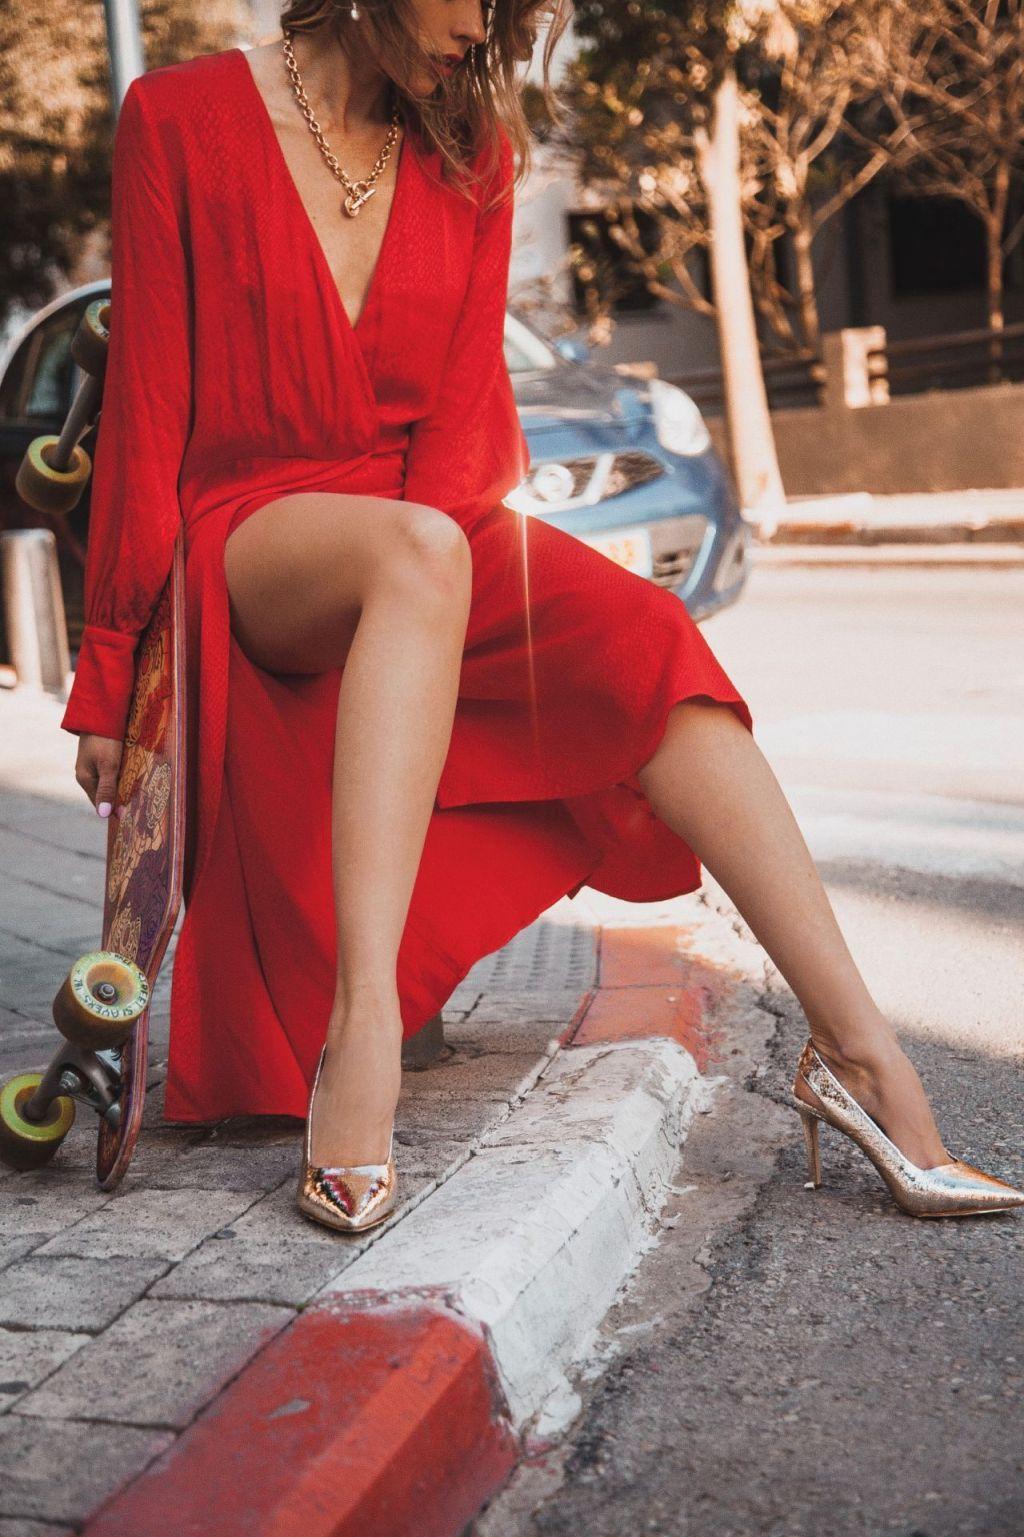 רשת חנויות נעליים לאפייט